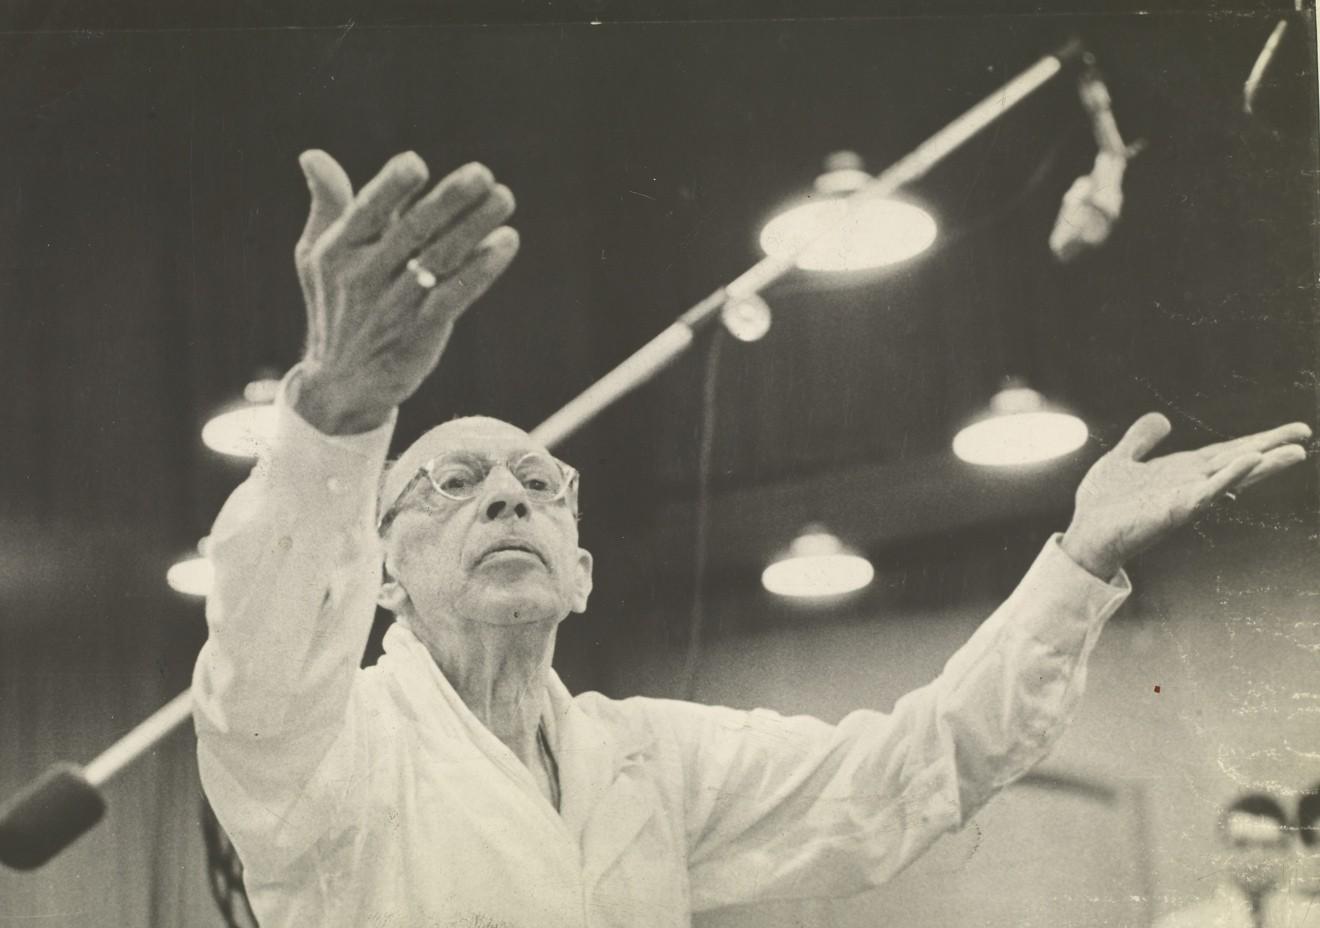 Игорь Стравинский дирижирует. 1962 год / © Arquivo Nacional (Brazil)